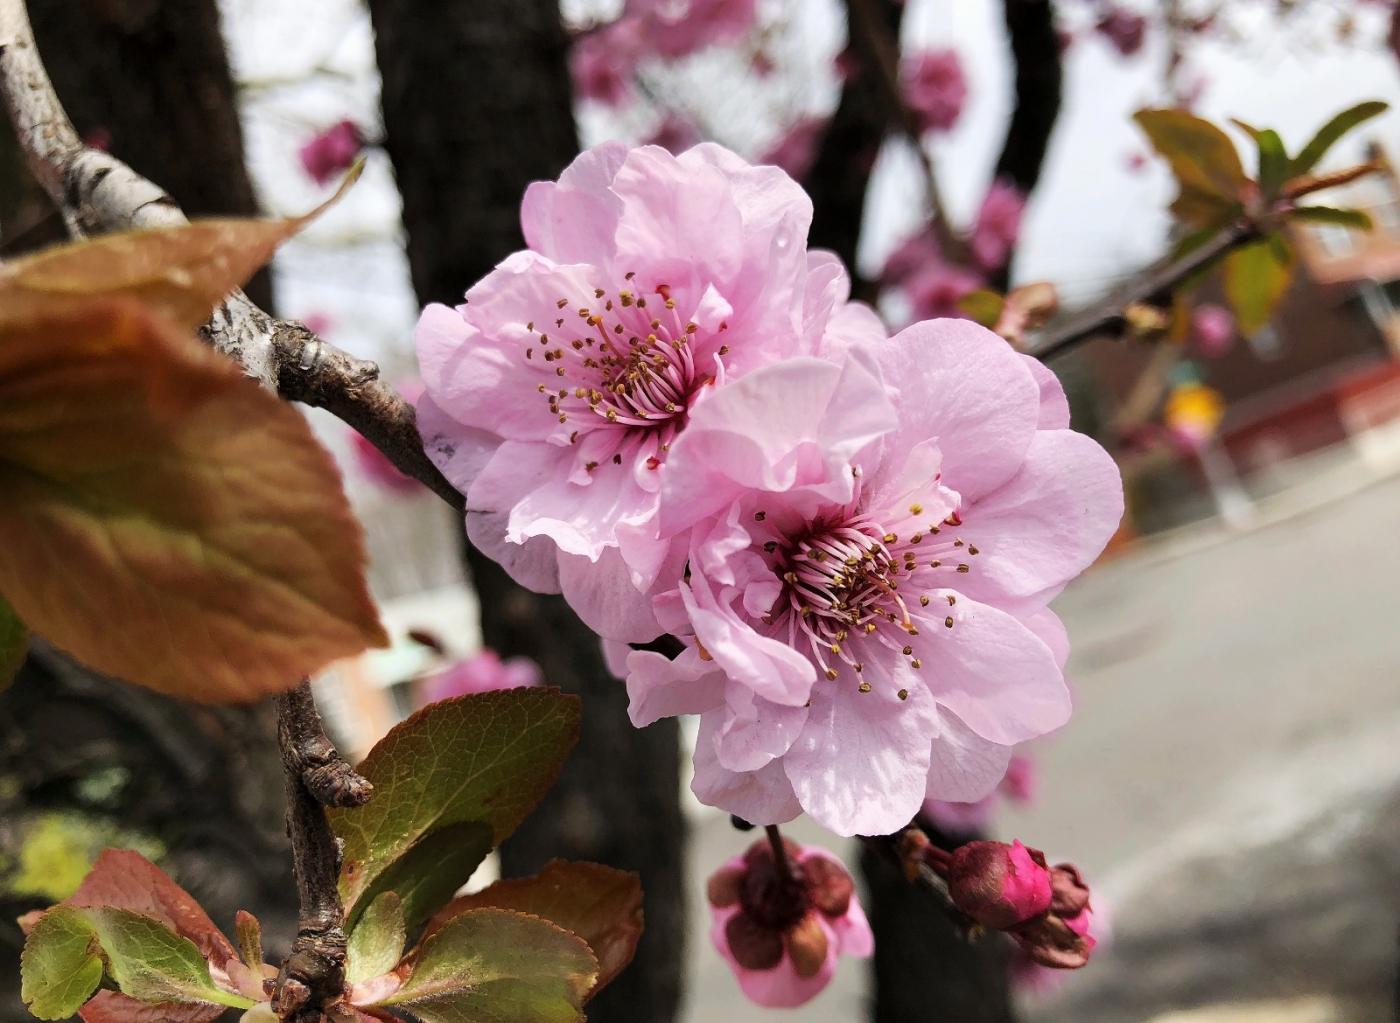 【田螺手机摄影】街口的杏花又开一年_图1-2